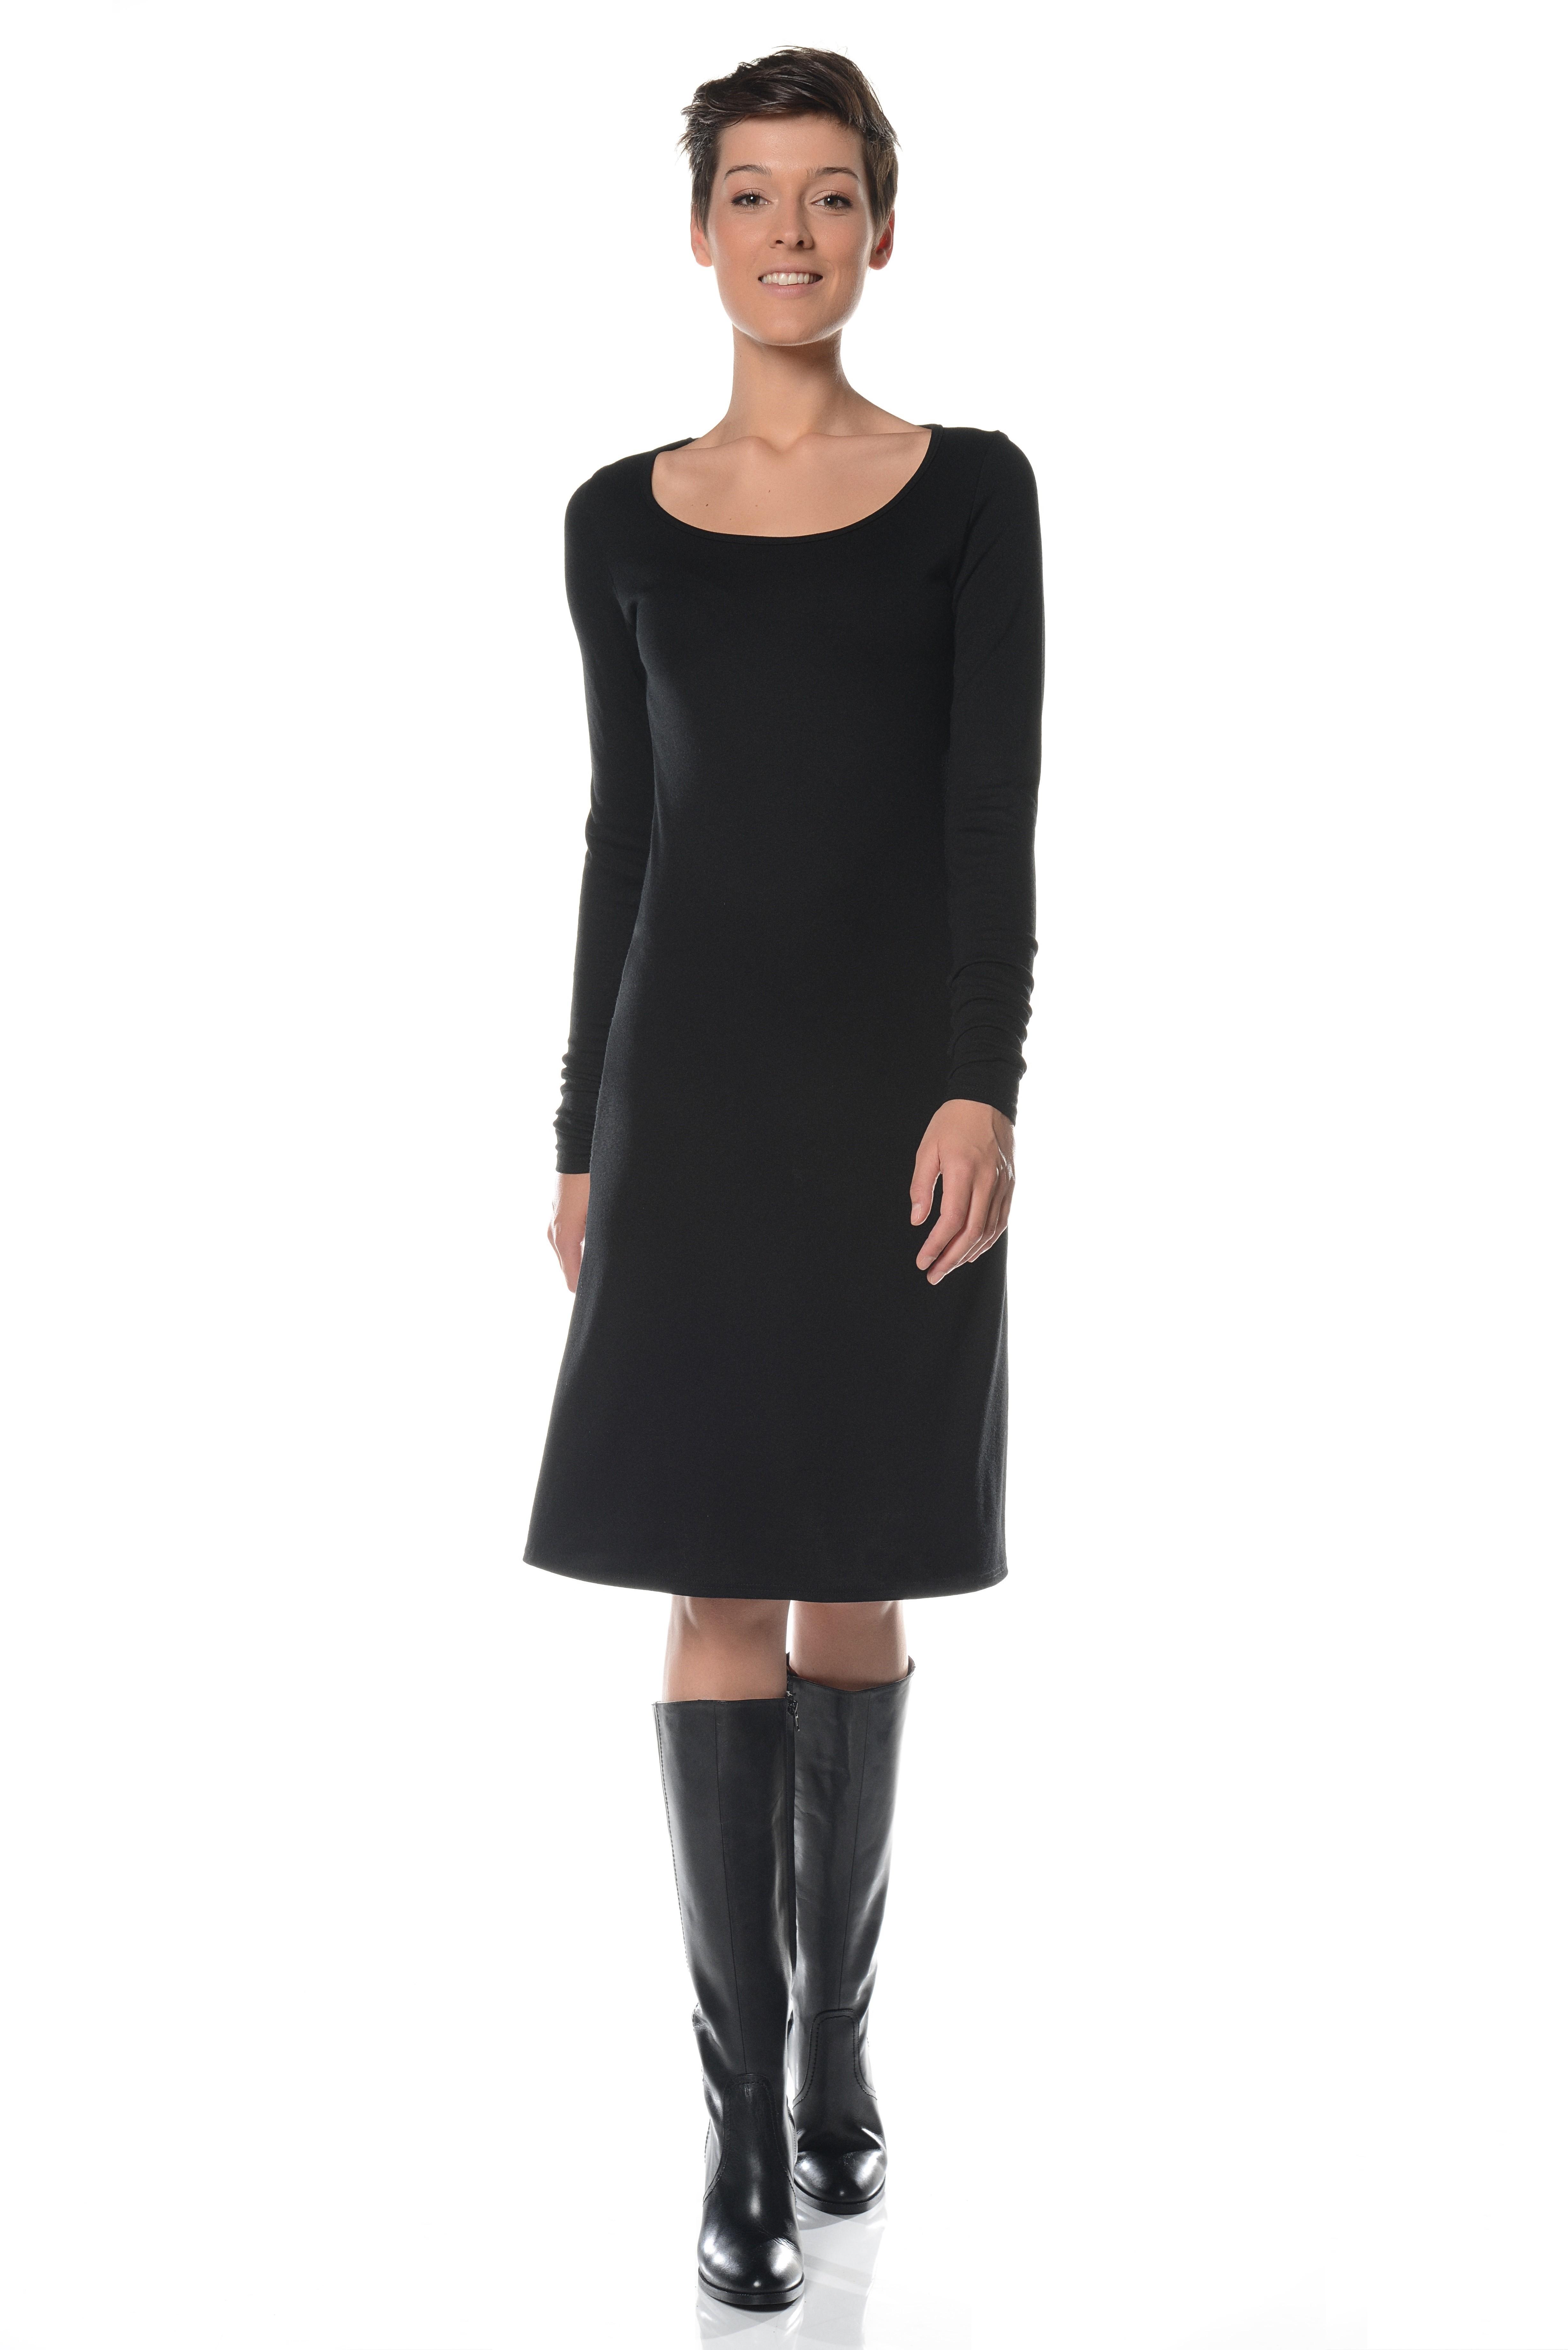 Vêtements pour femme grande - Flamenzo 10bec6bcc196